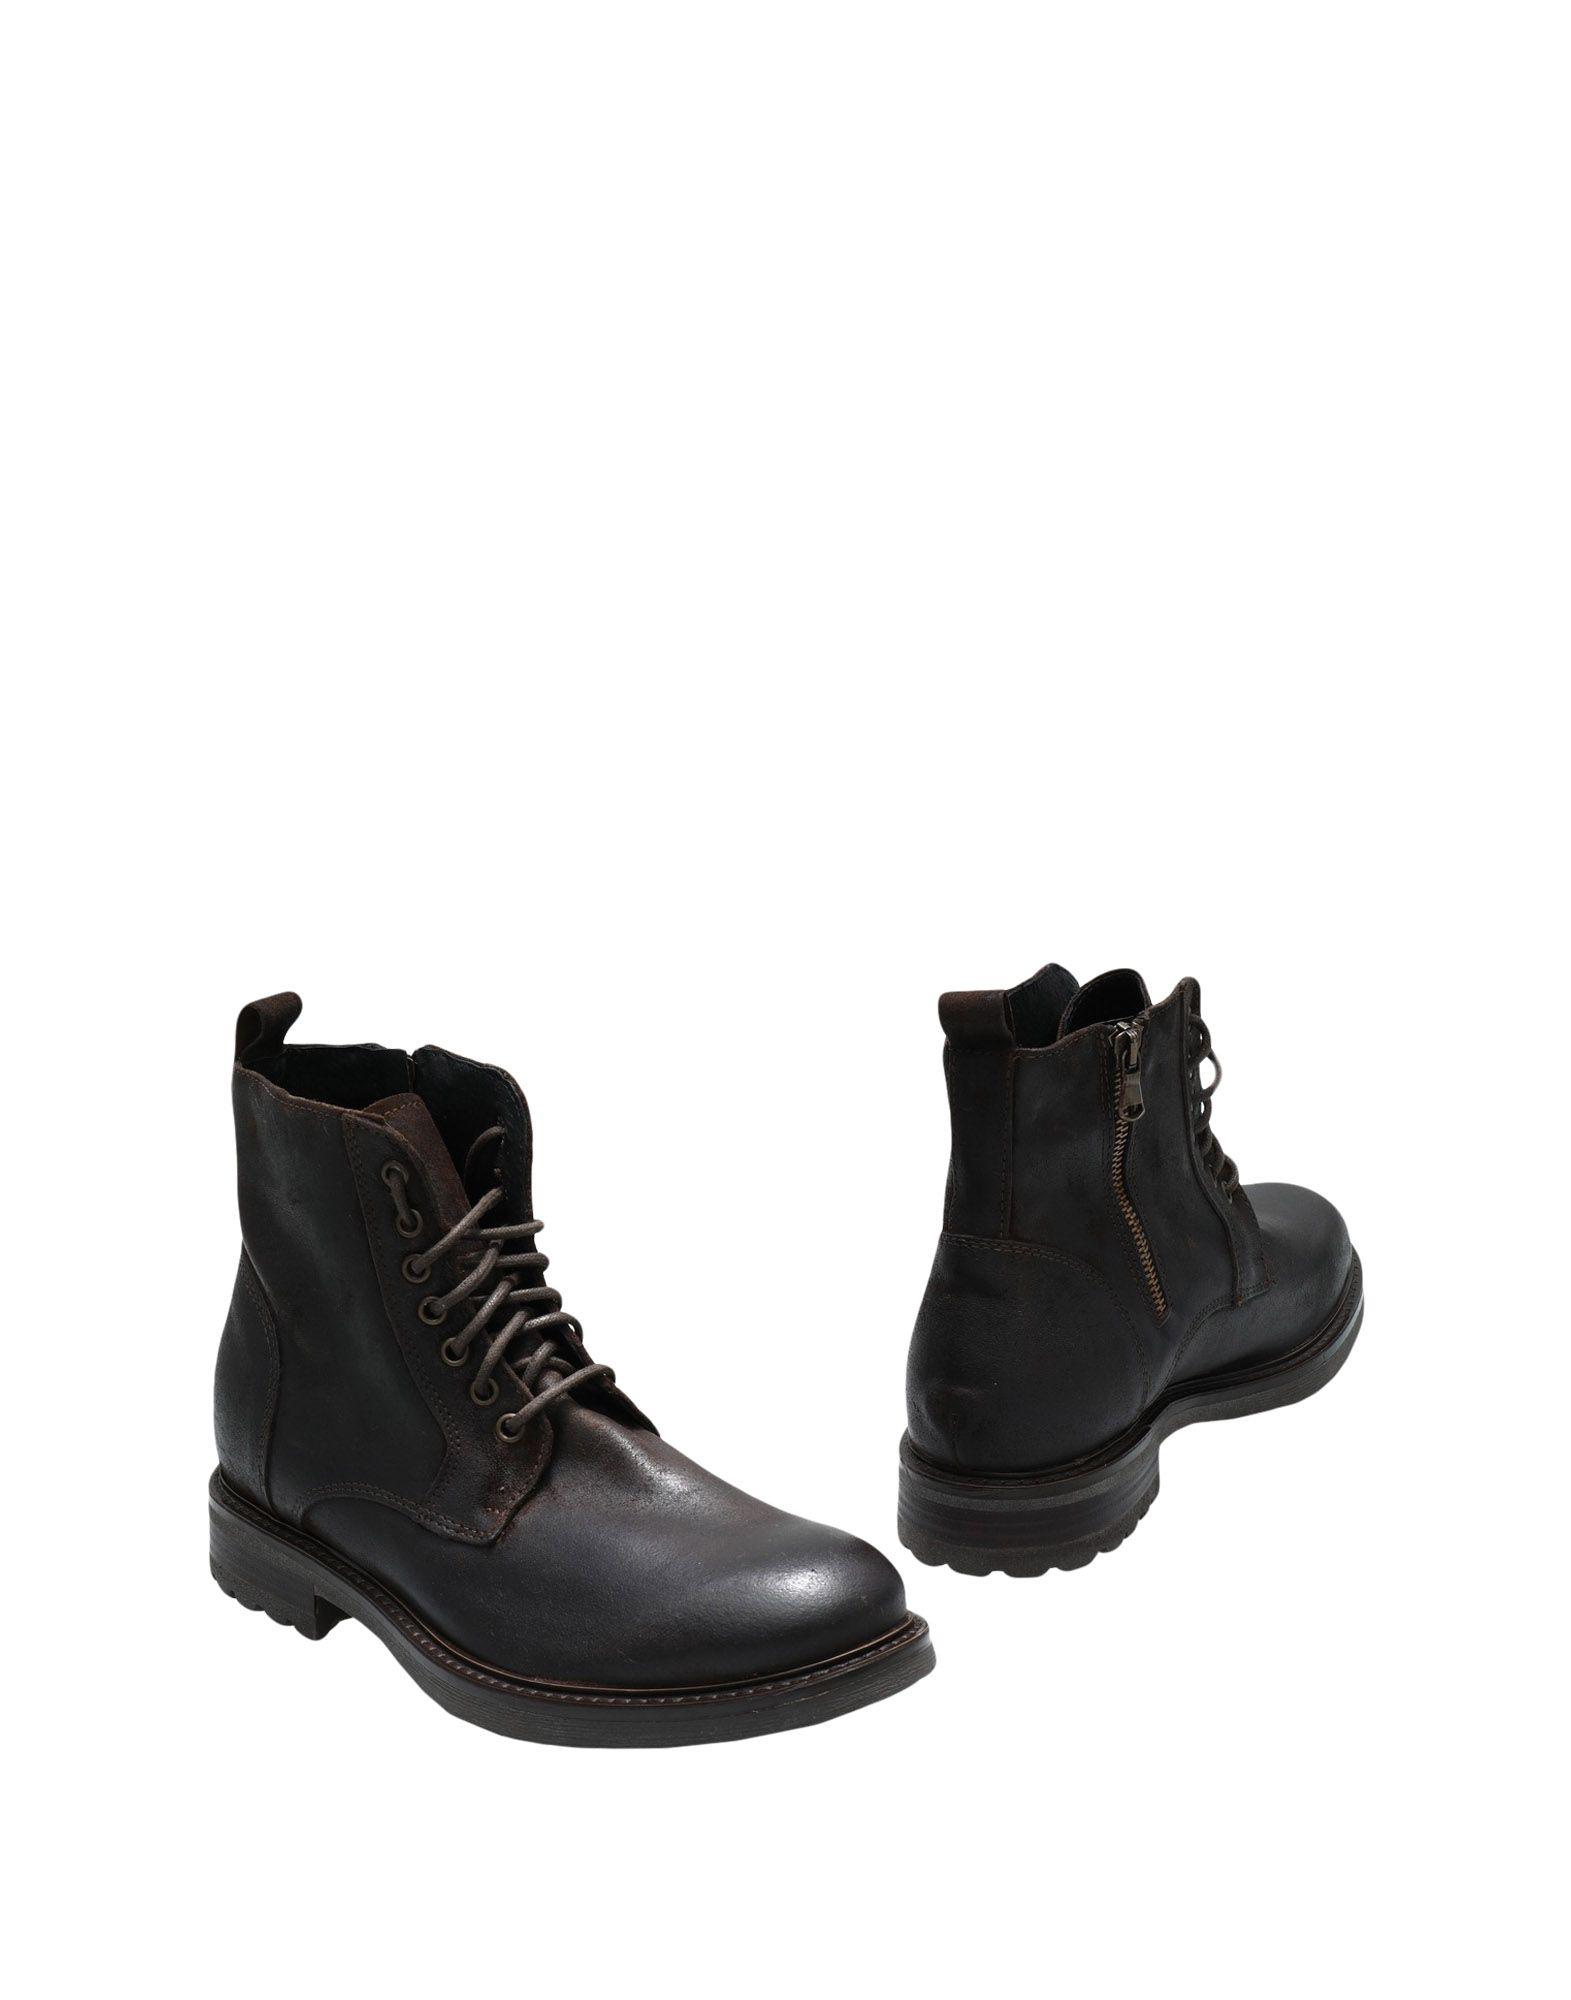 Carmine Marfé Stiefelette Herren  11532461DQ Gute Qualität beliebte Schuhe